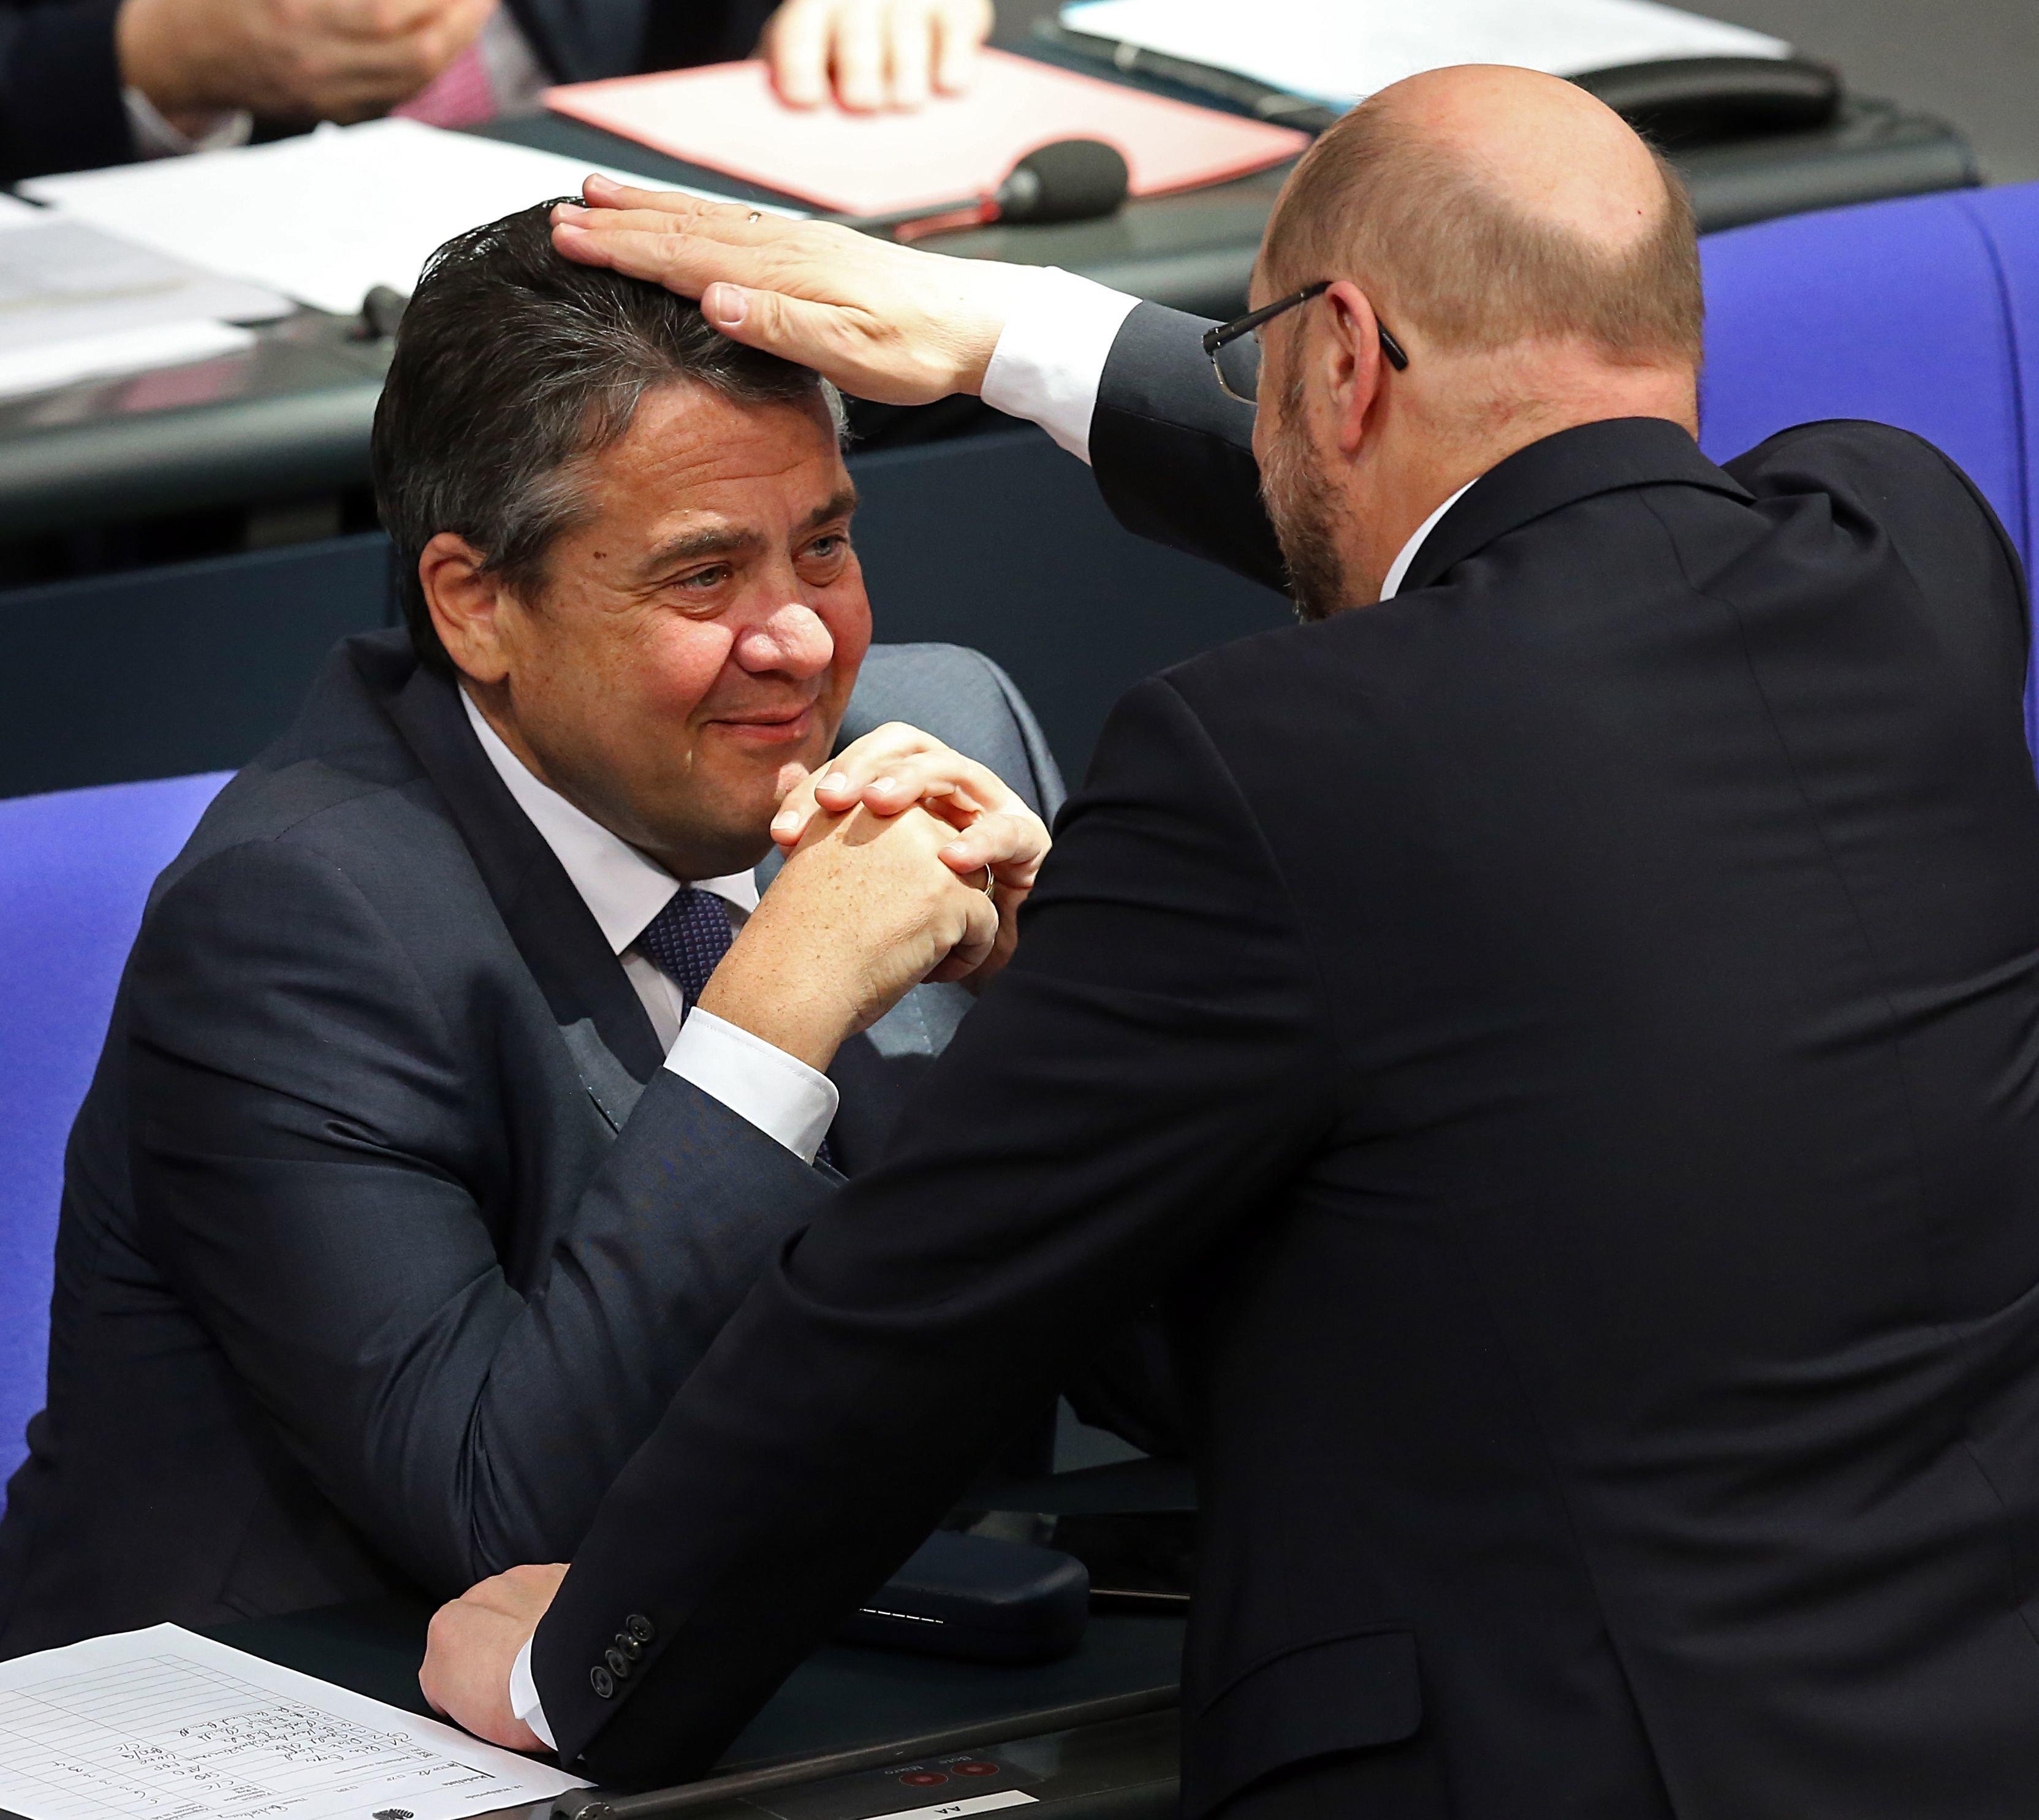 Gabriel gegen Schulz: Wie Freunde zu Gegnern wurden